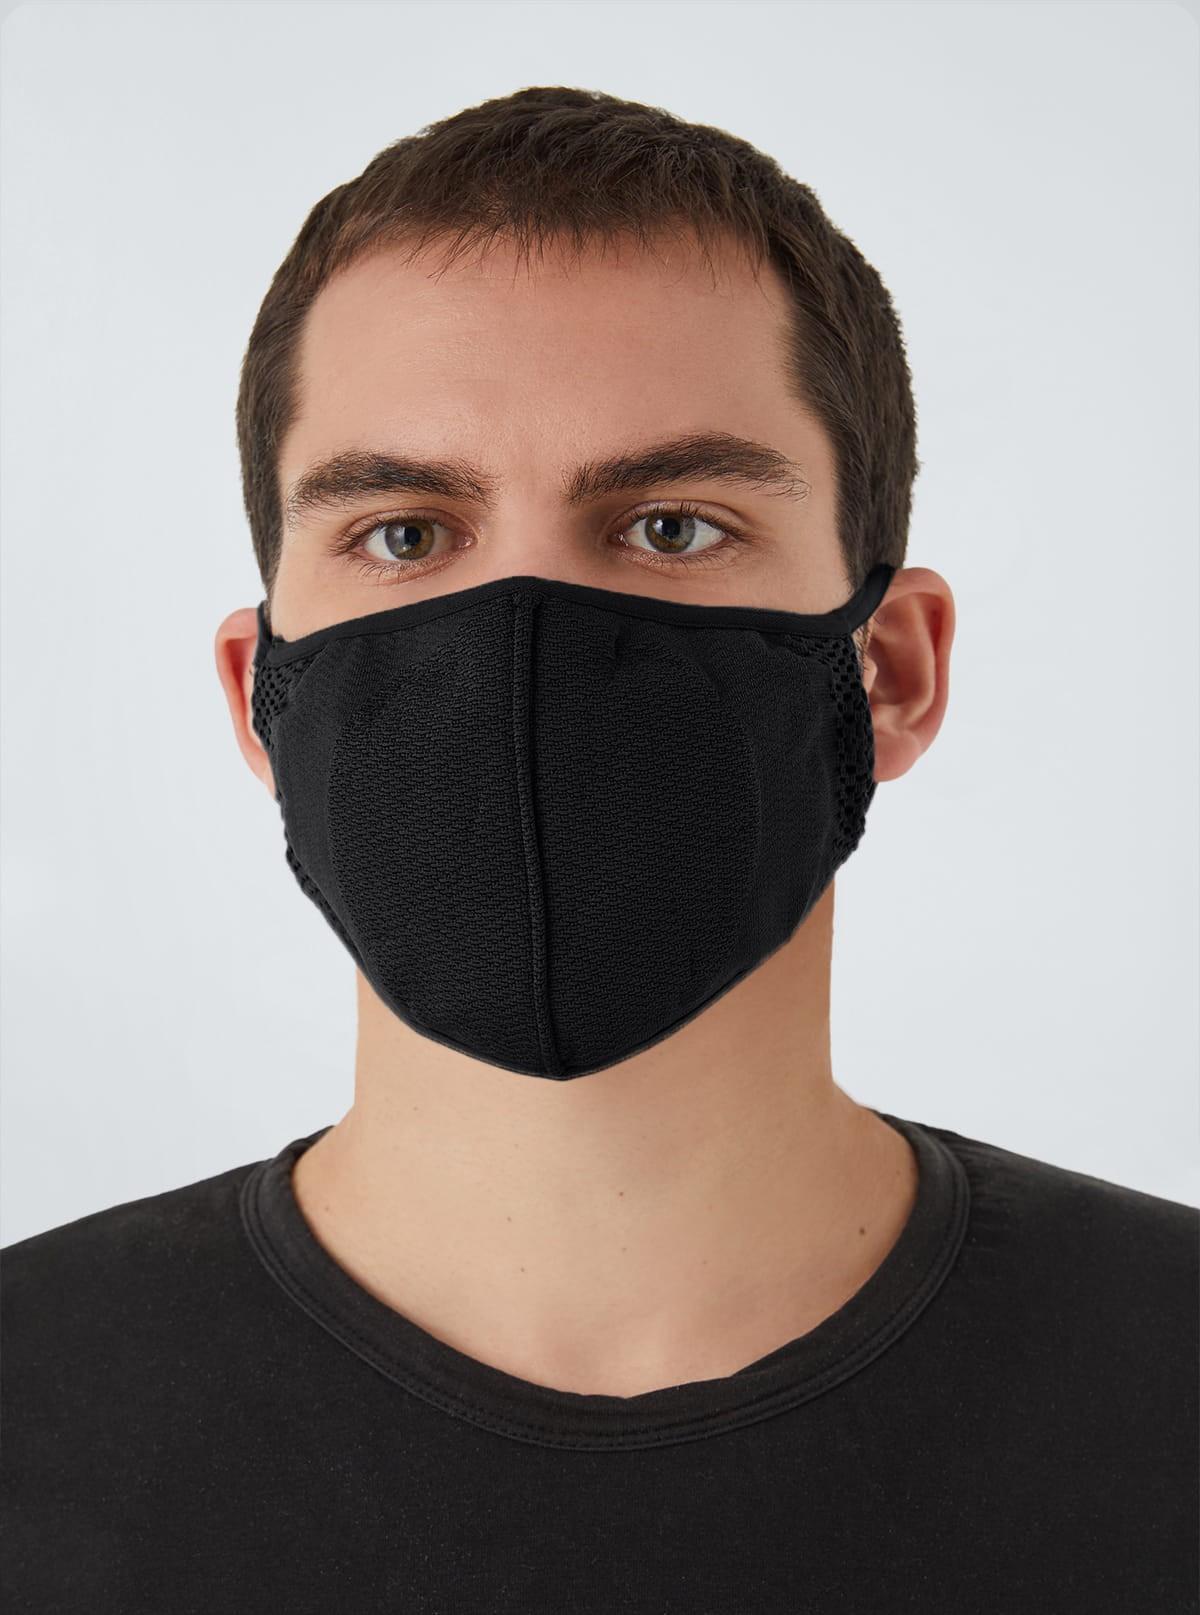 Carbon-Mask Pro lavabile e Riutilizzabile, in Carbonio Filtrante, Antistatica, Antivirale, Antidroplet